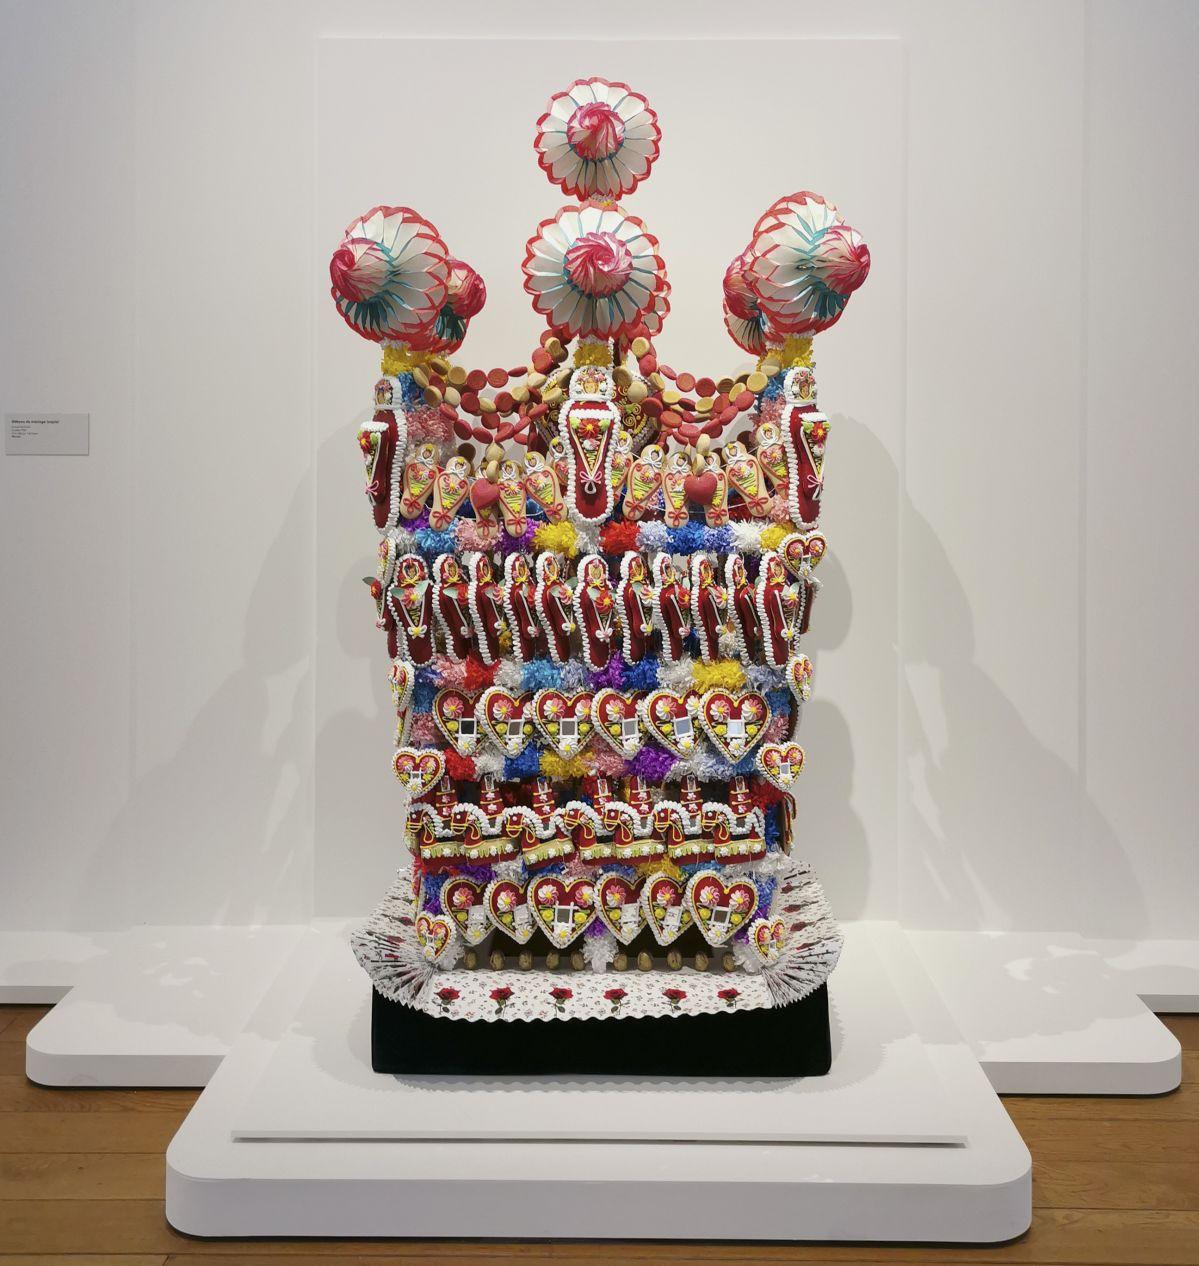 Gâteau de mariage - Jeff Koons au Mucem - Œuvres de la Collection Pinault - Salle 5 - vue de l'exposition